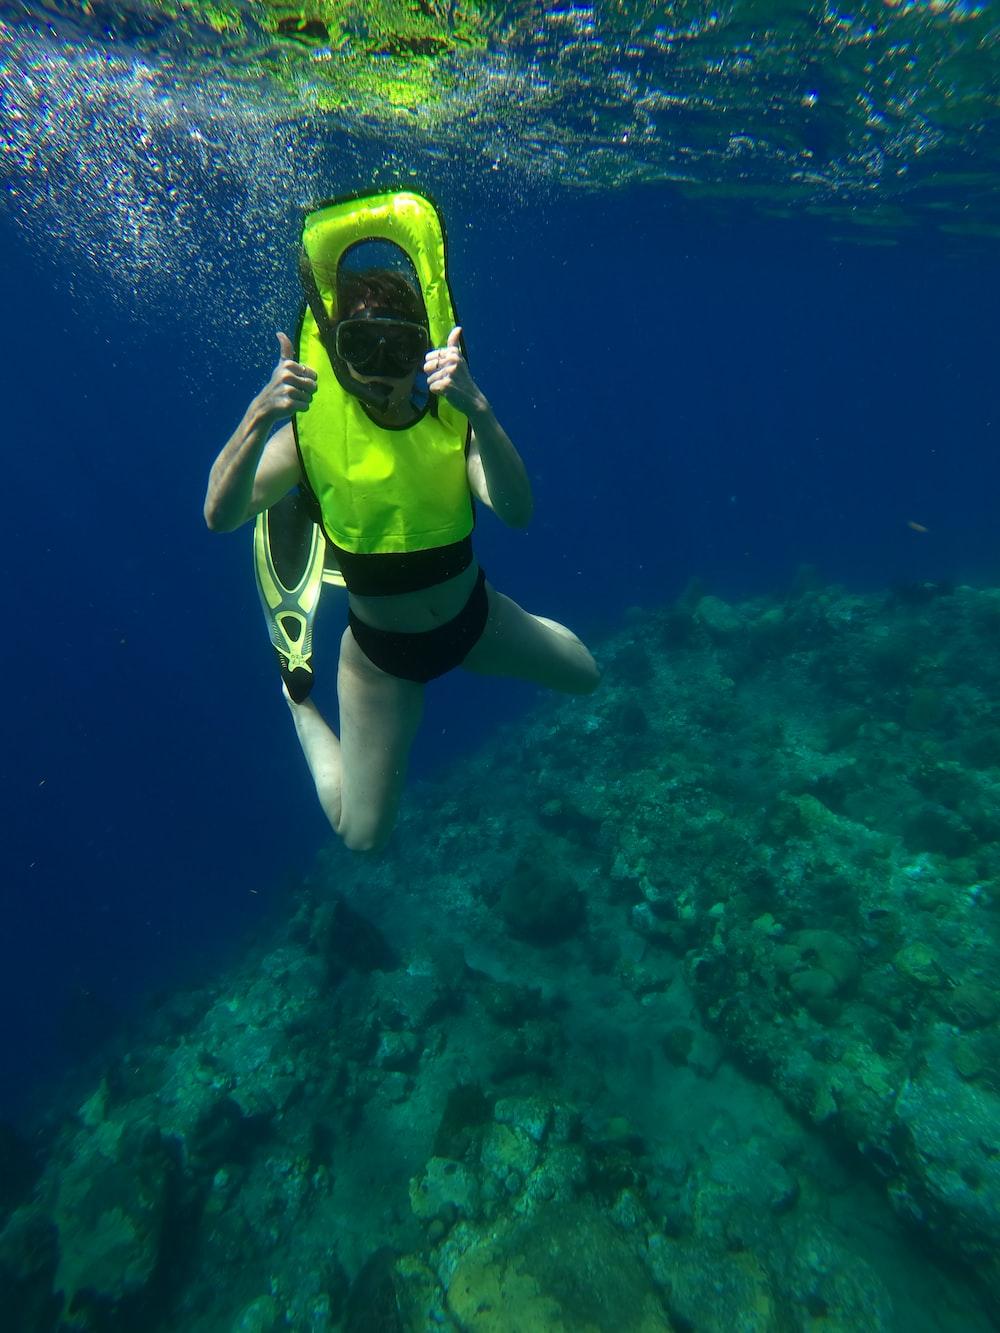 woman in yellow and black bikini swimming in the sea